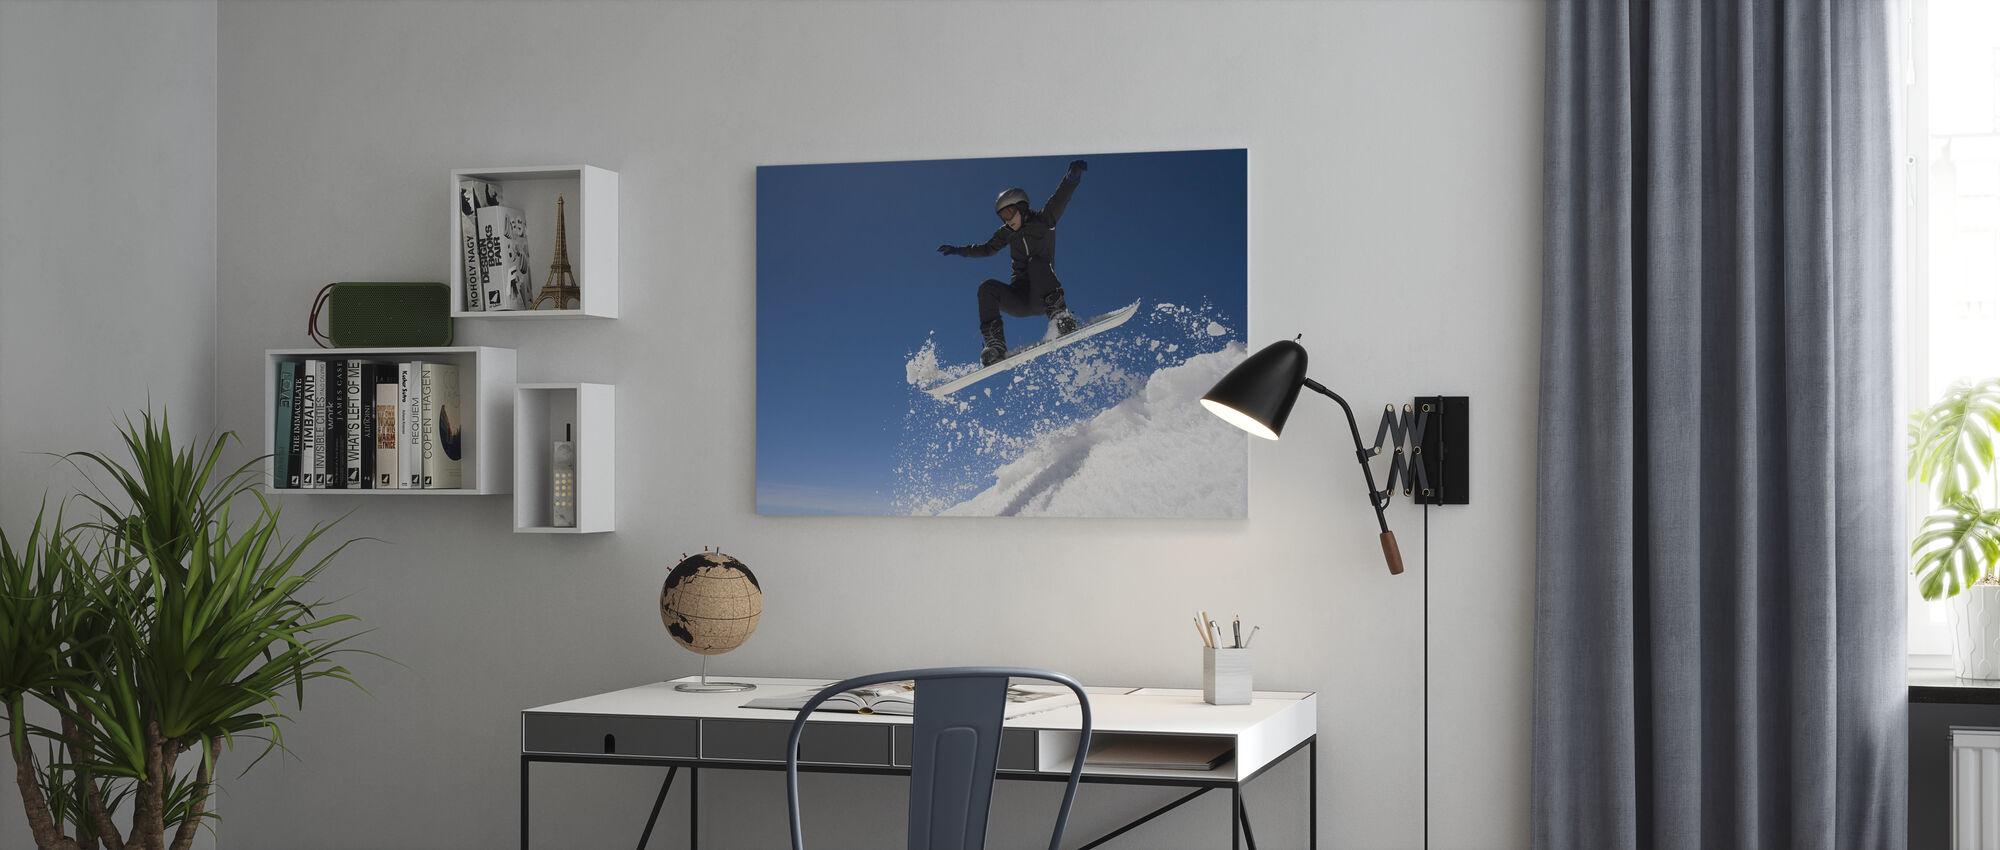 Snowboarder Hoppe gjennom luft - Lerretsbilde - Kontor